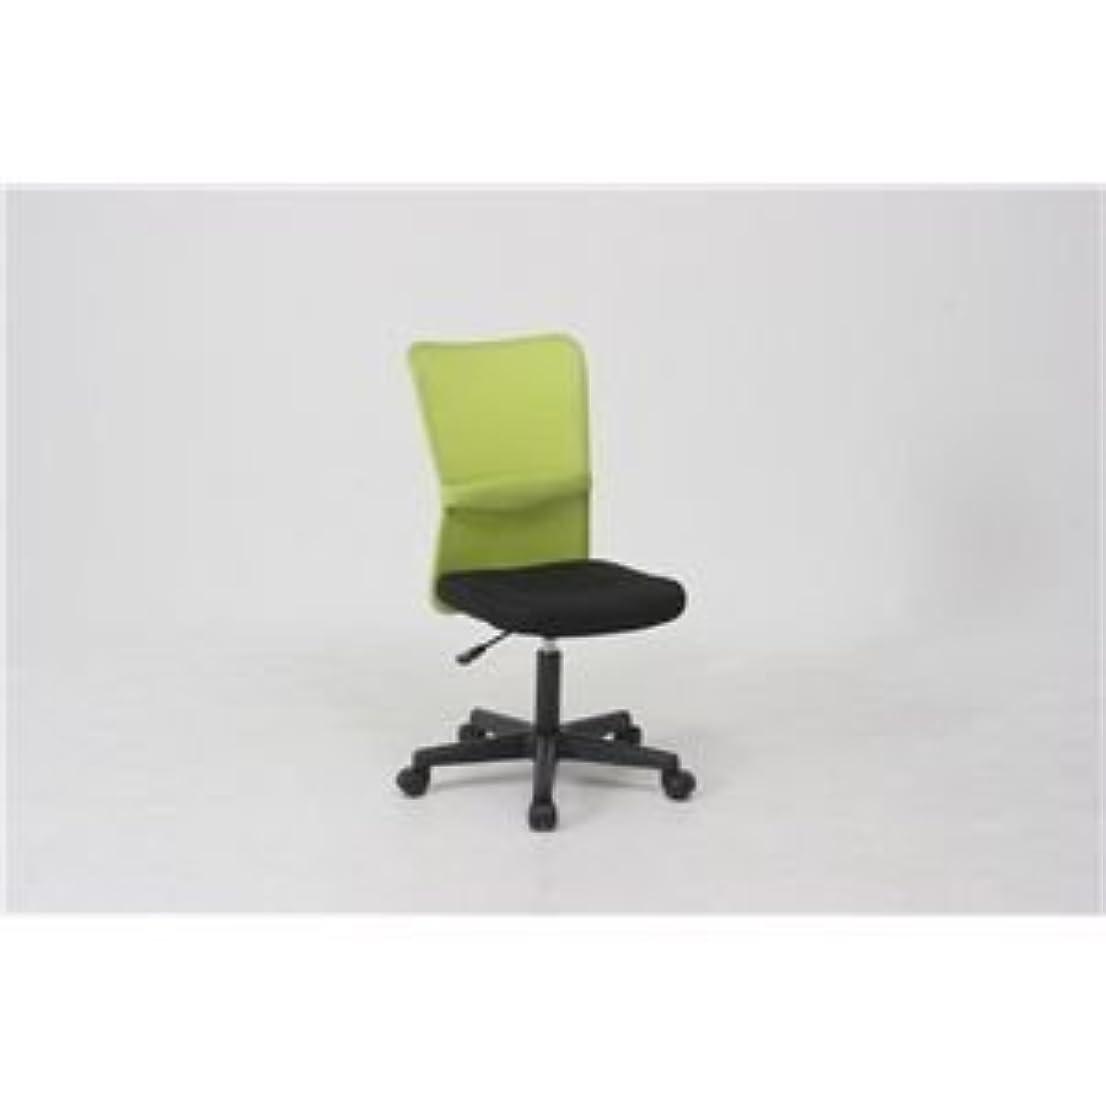 牧草地ジョージバーナードオフセットデスクチェア(椅子)/メッシュバックチェアー 【ハンター】 ガス圧昇降機能/キャスター付き グリーン(緑)【代引不可】